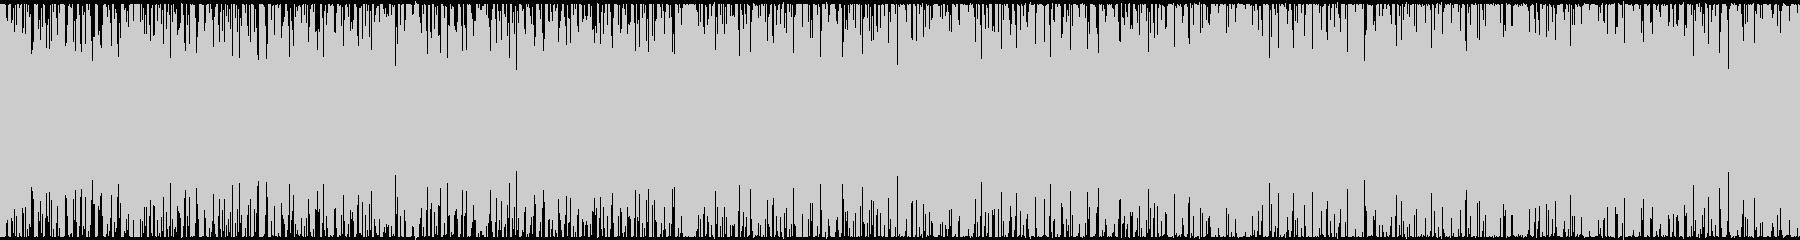 【ループ対応】疾走感のあるロックハウスの未再生の波形